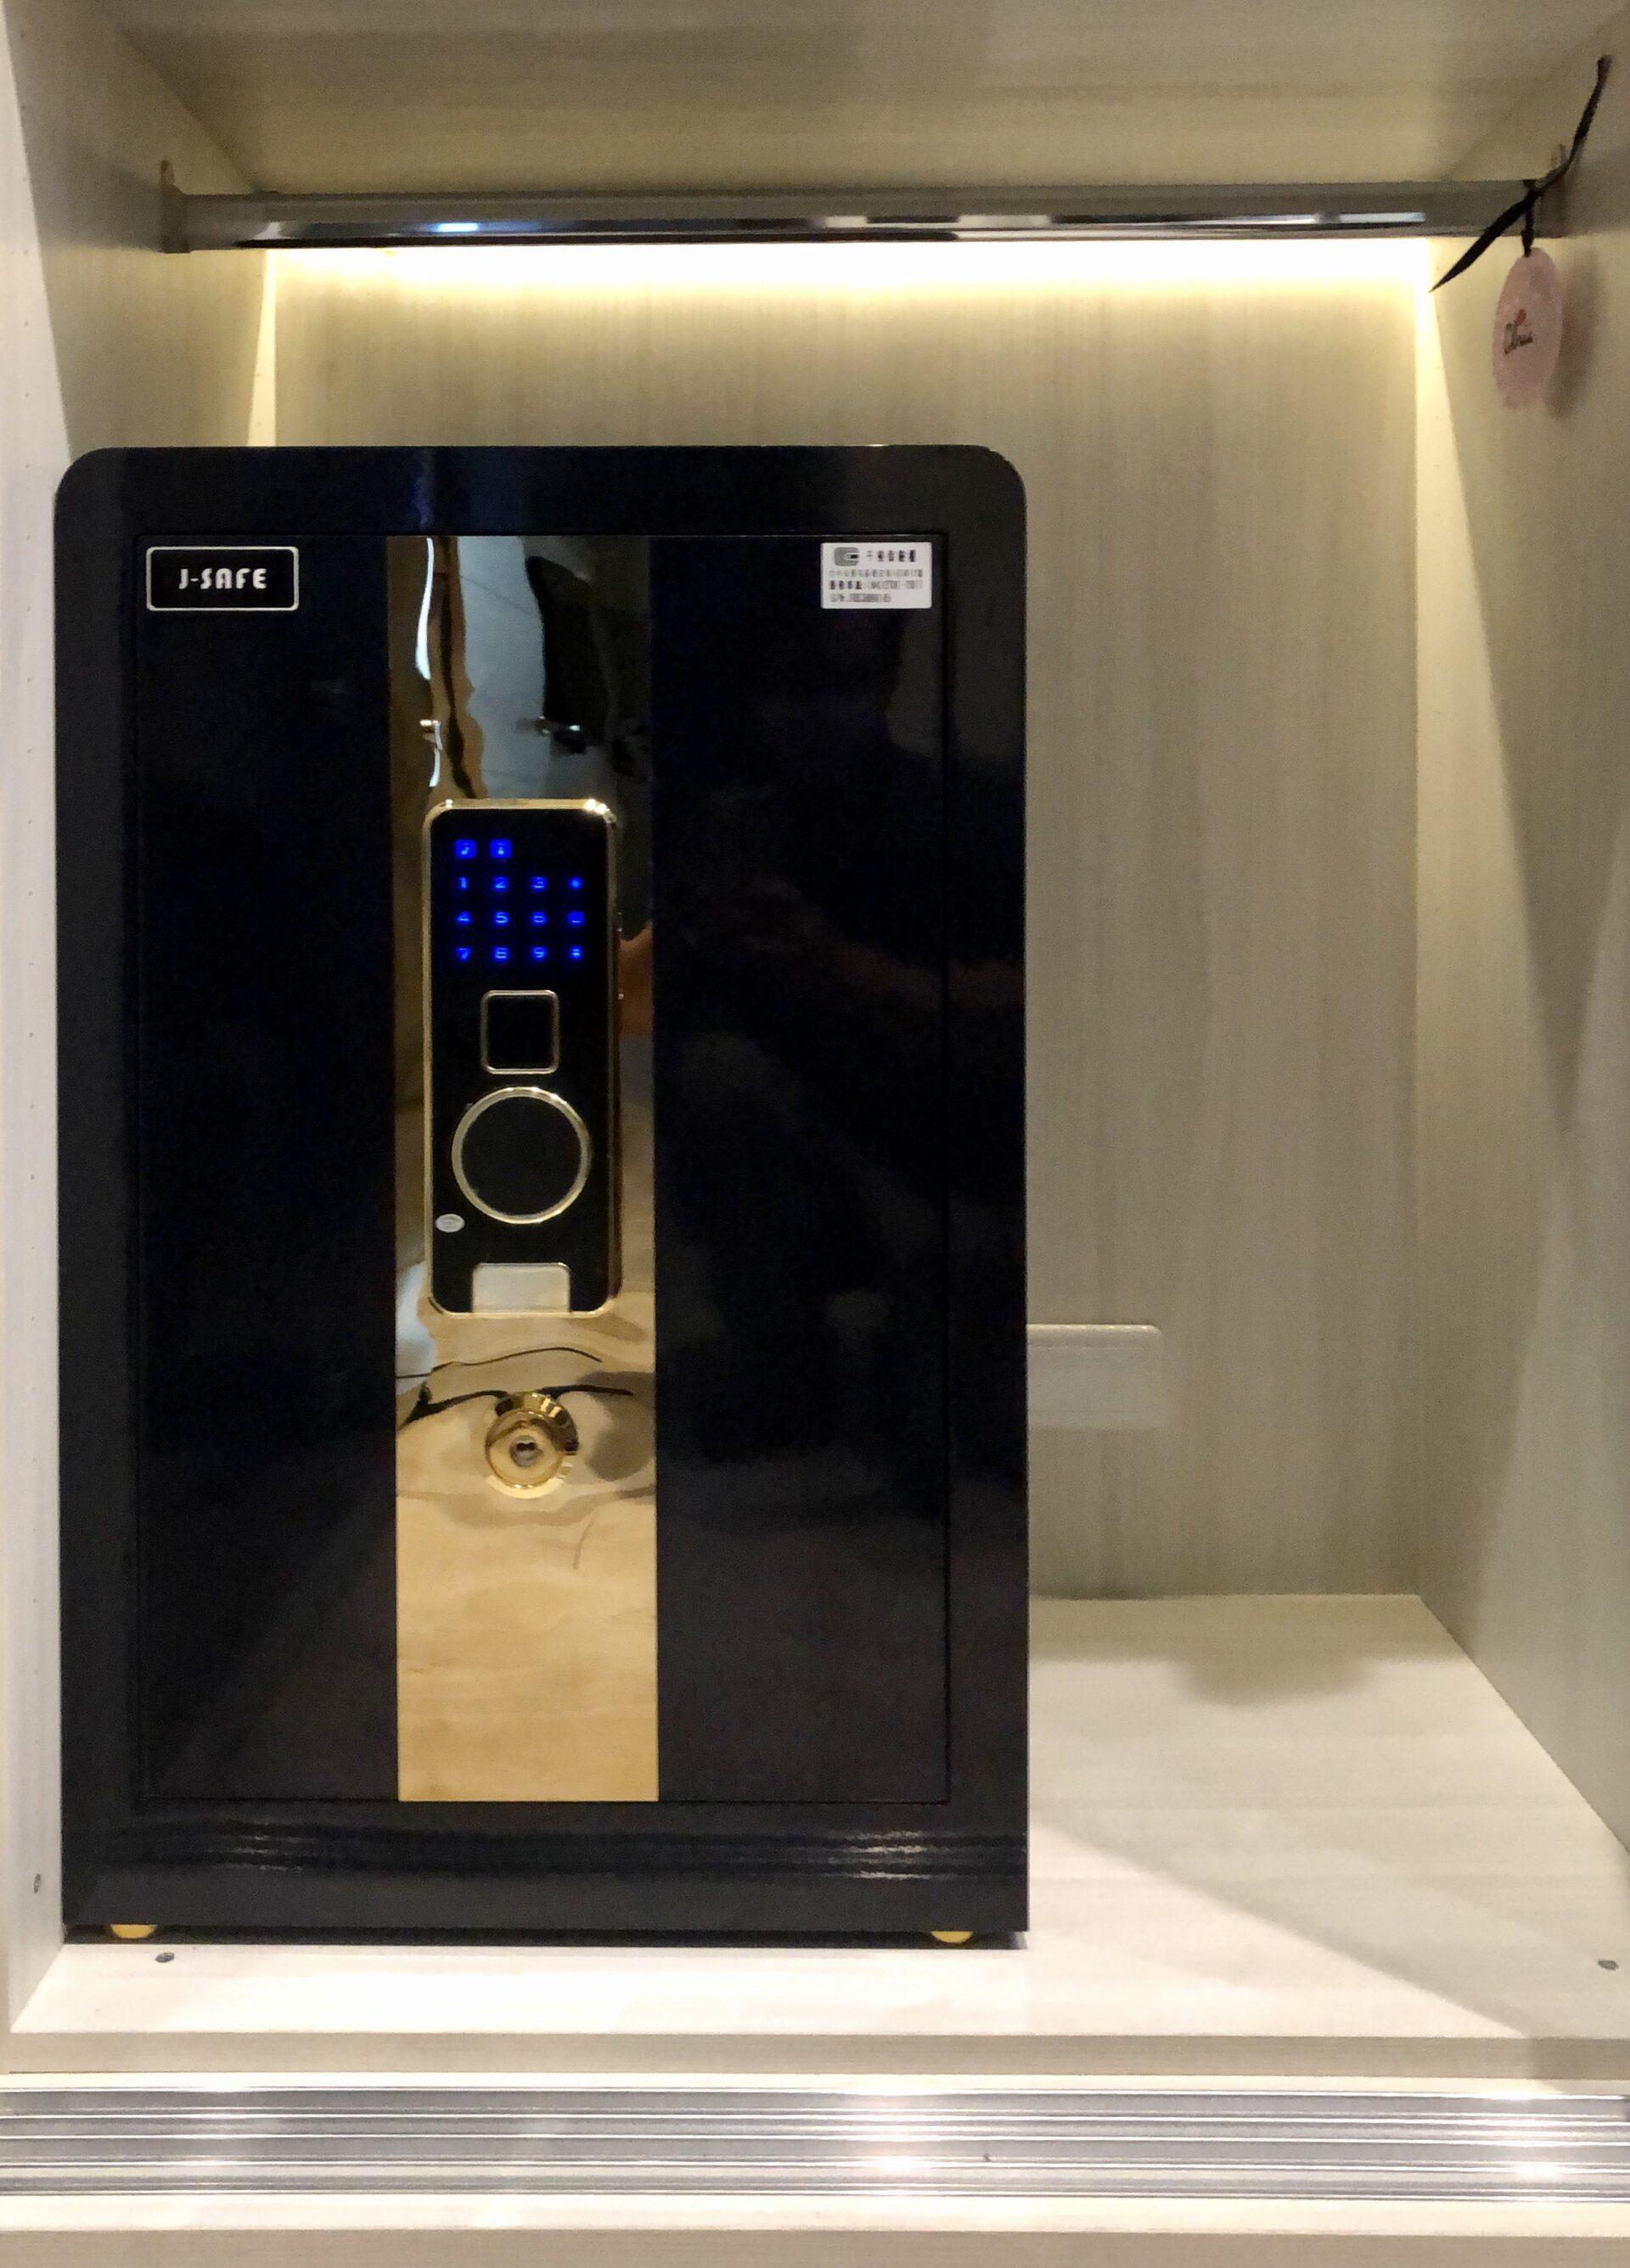 保險箱含到把手的深度一併算進去,才不會發生放好之後外門關不上的窘境